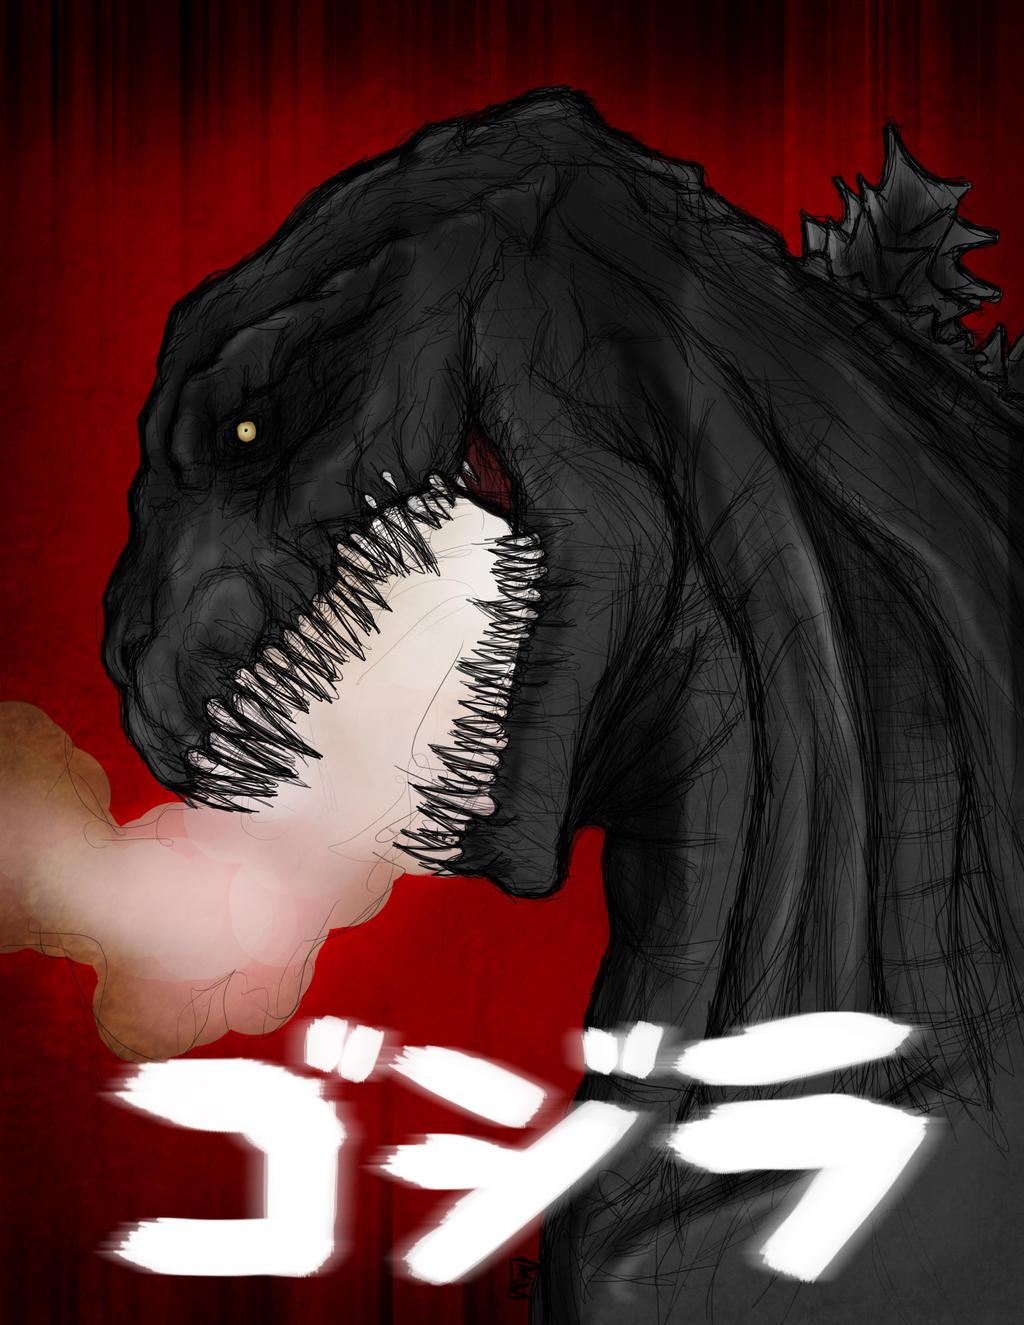 CGF (Crazy Godzilla Fan)